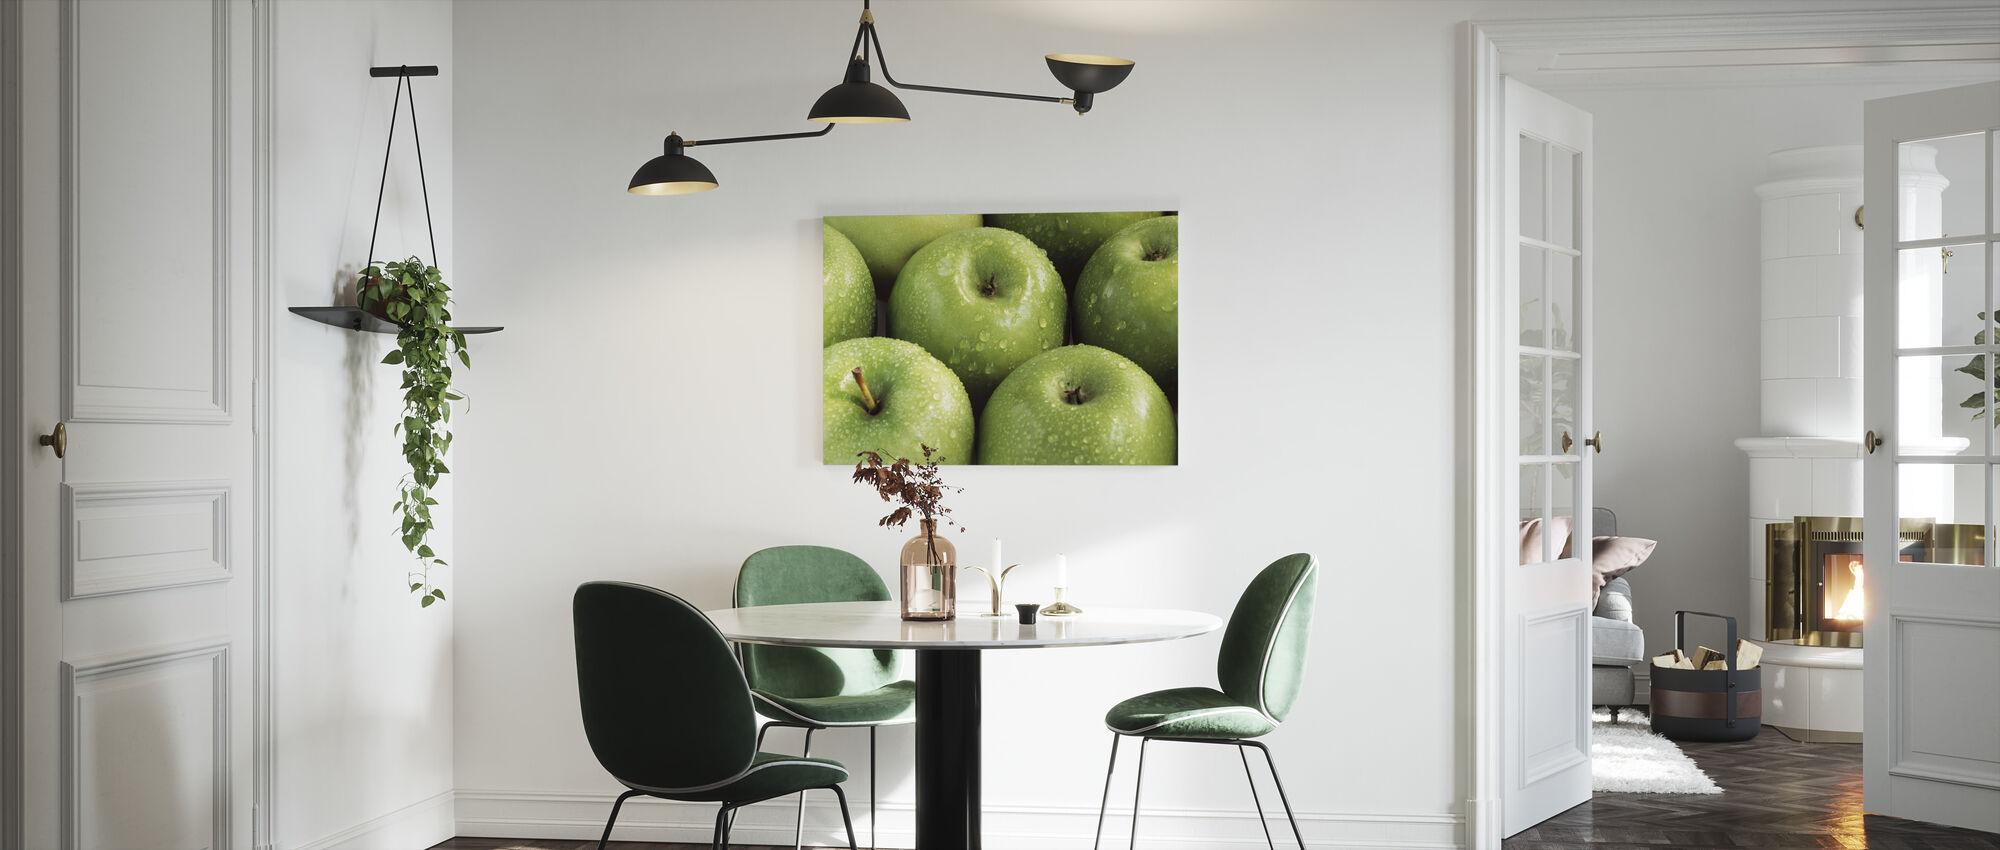 Appels - Canvas print - Keuken